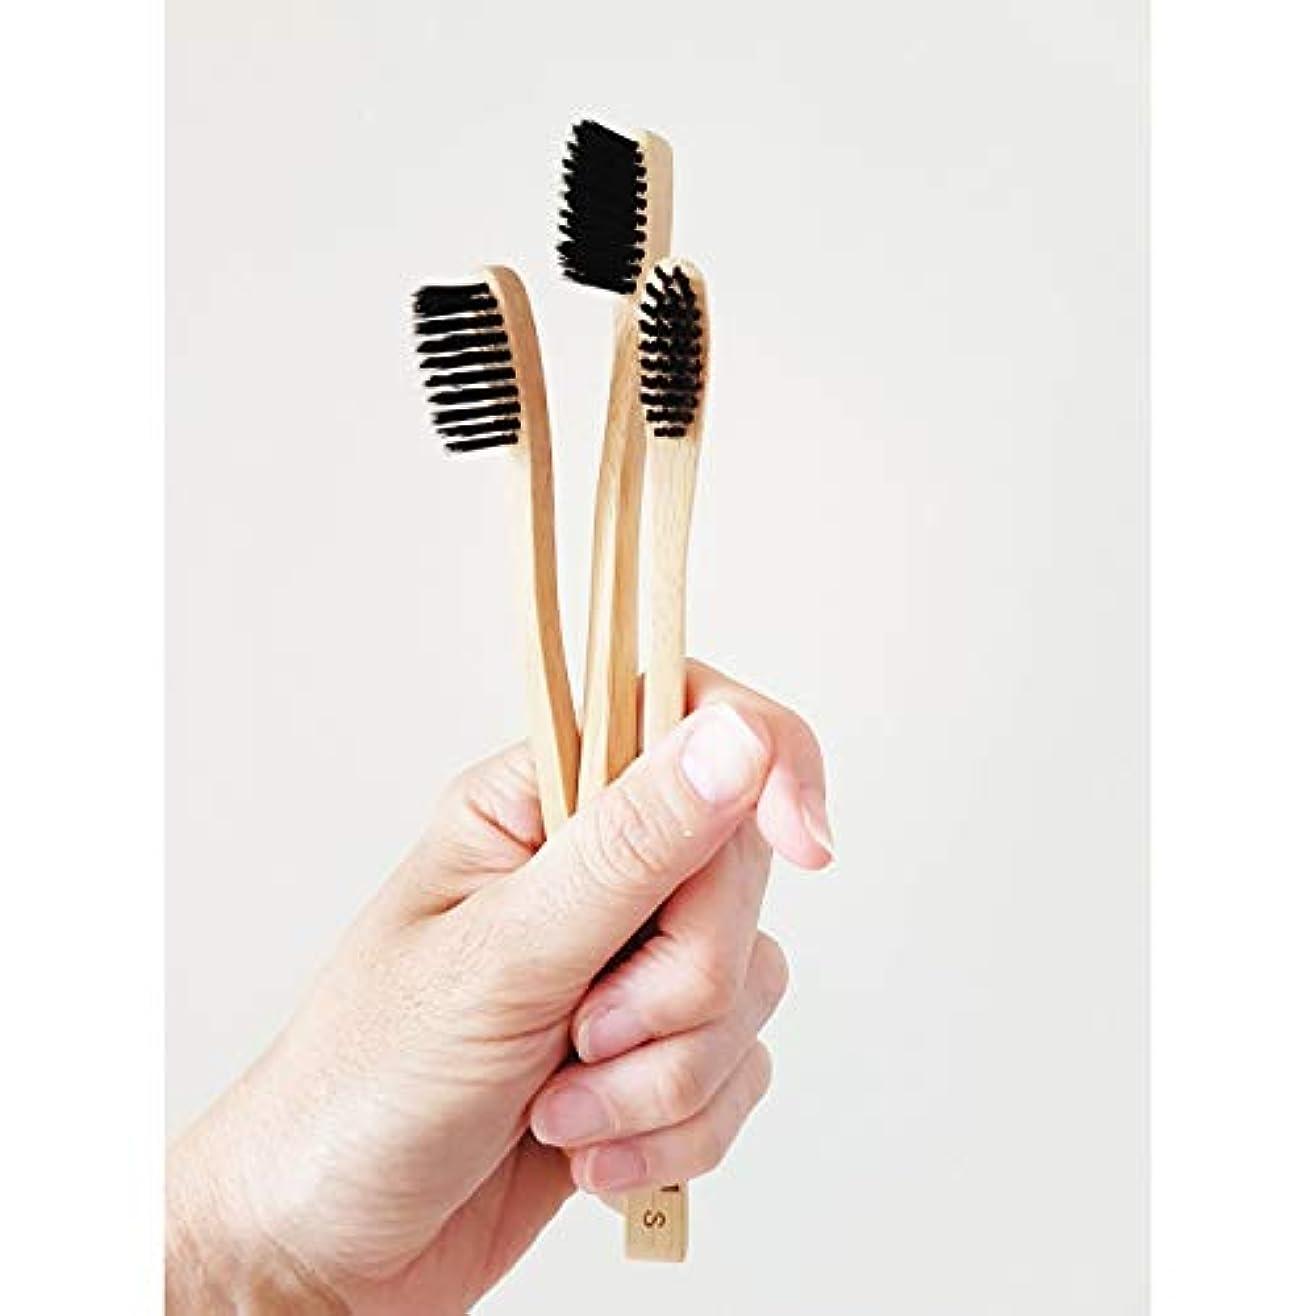 君主動員する六Ladybug 竹の歯ブラシ 竹炭毛 バンブー歯ブラシ (3本入りセット)